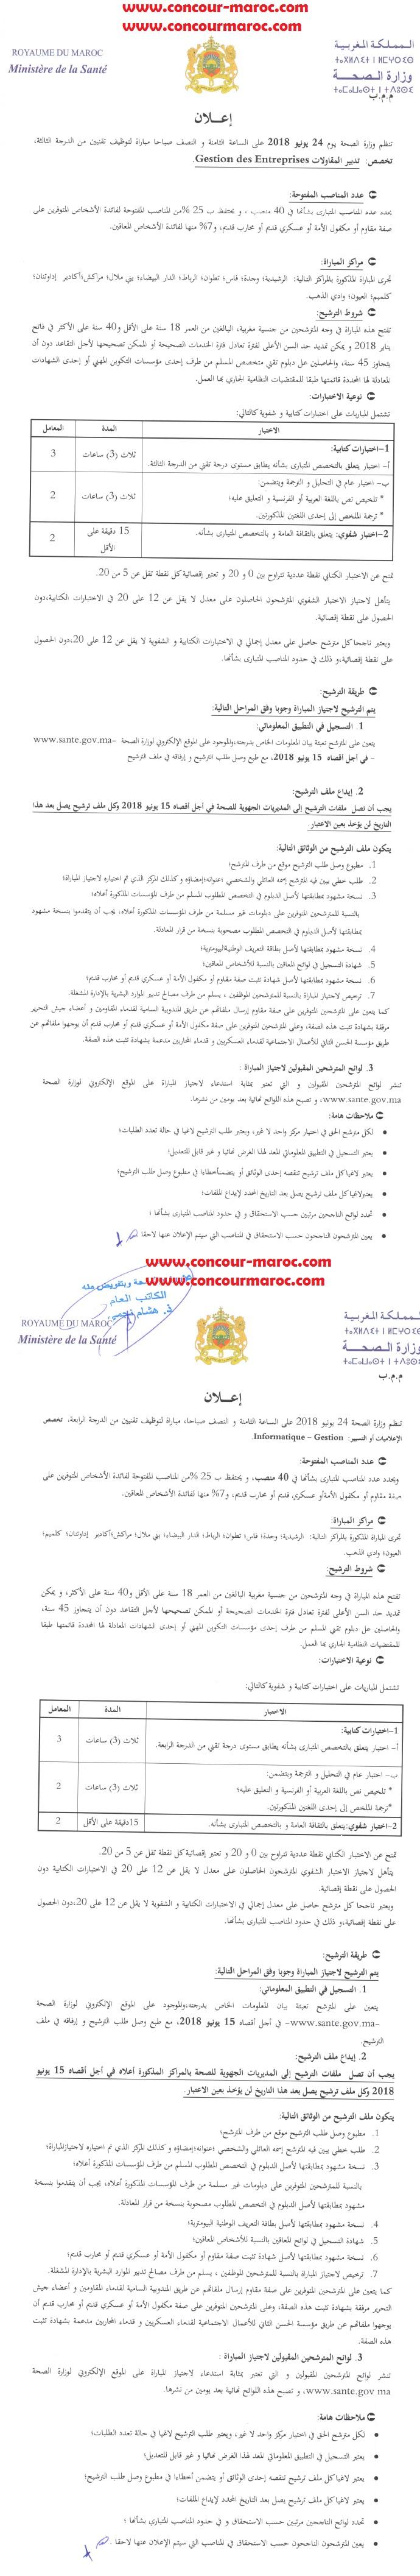 وزارة الصحة : إعلان الكامل لمباراة توظيف 40 تقني من الدرجة الثالثة سلم9 و 40 تقني من الدرجة الرابعة سلم8 آخر أجل 15 يونيو 2018 Conco127